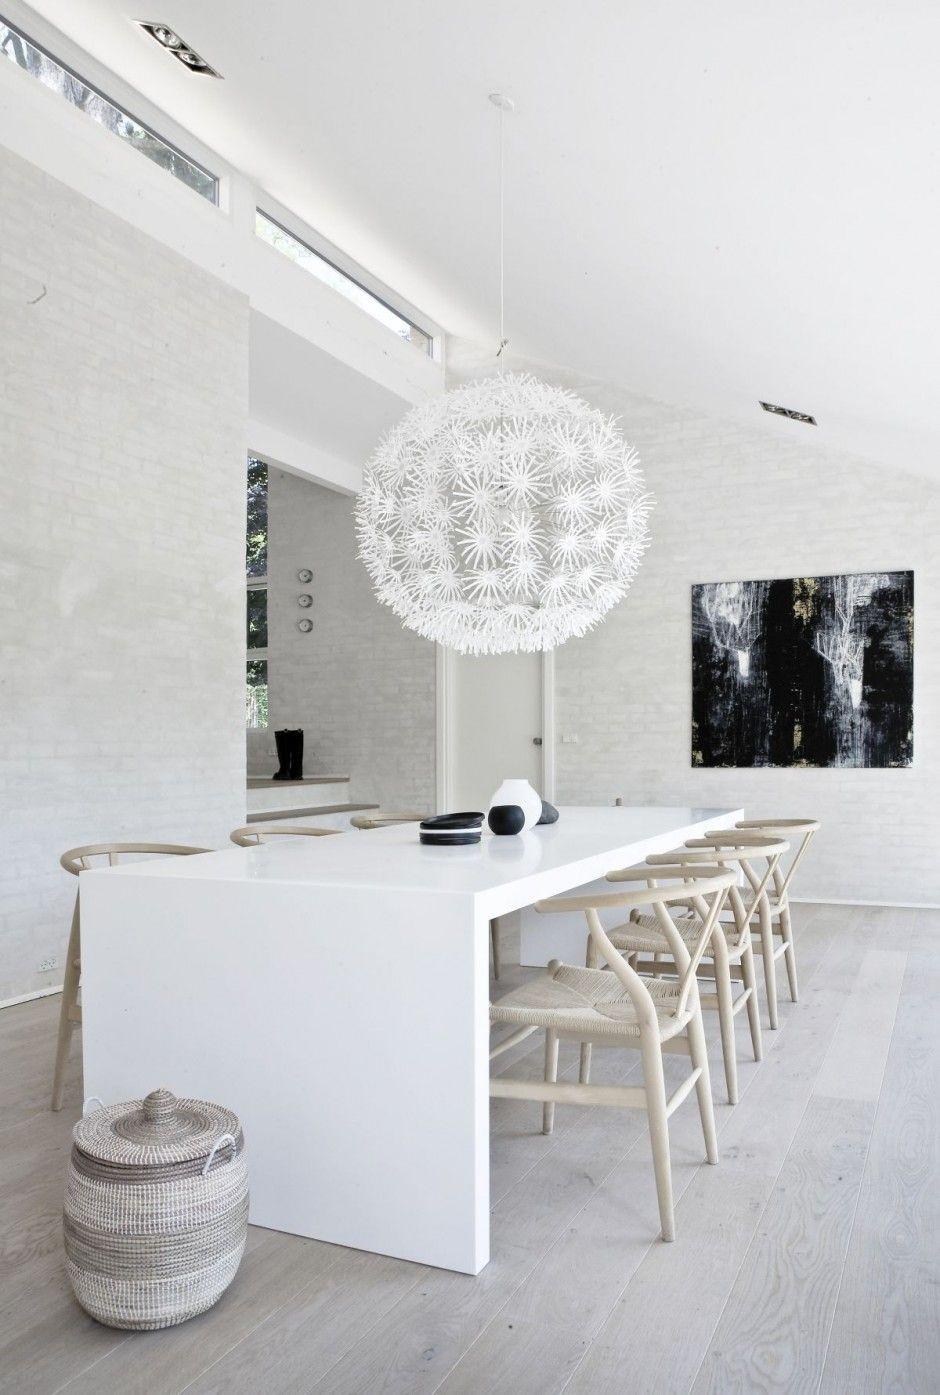 So Much To Love About This One Clean Sleek And Unapologetically Cool Sale Da Pranzo Moderne Design Della Sala Da Pranzo Interni Casa